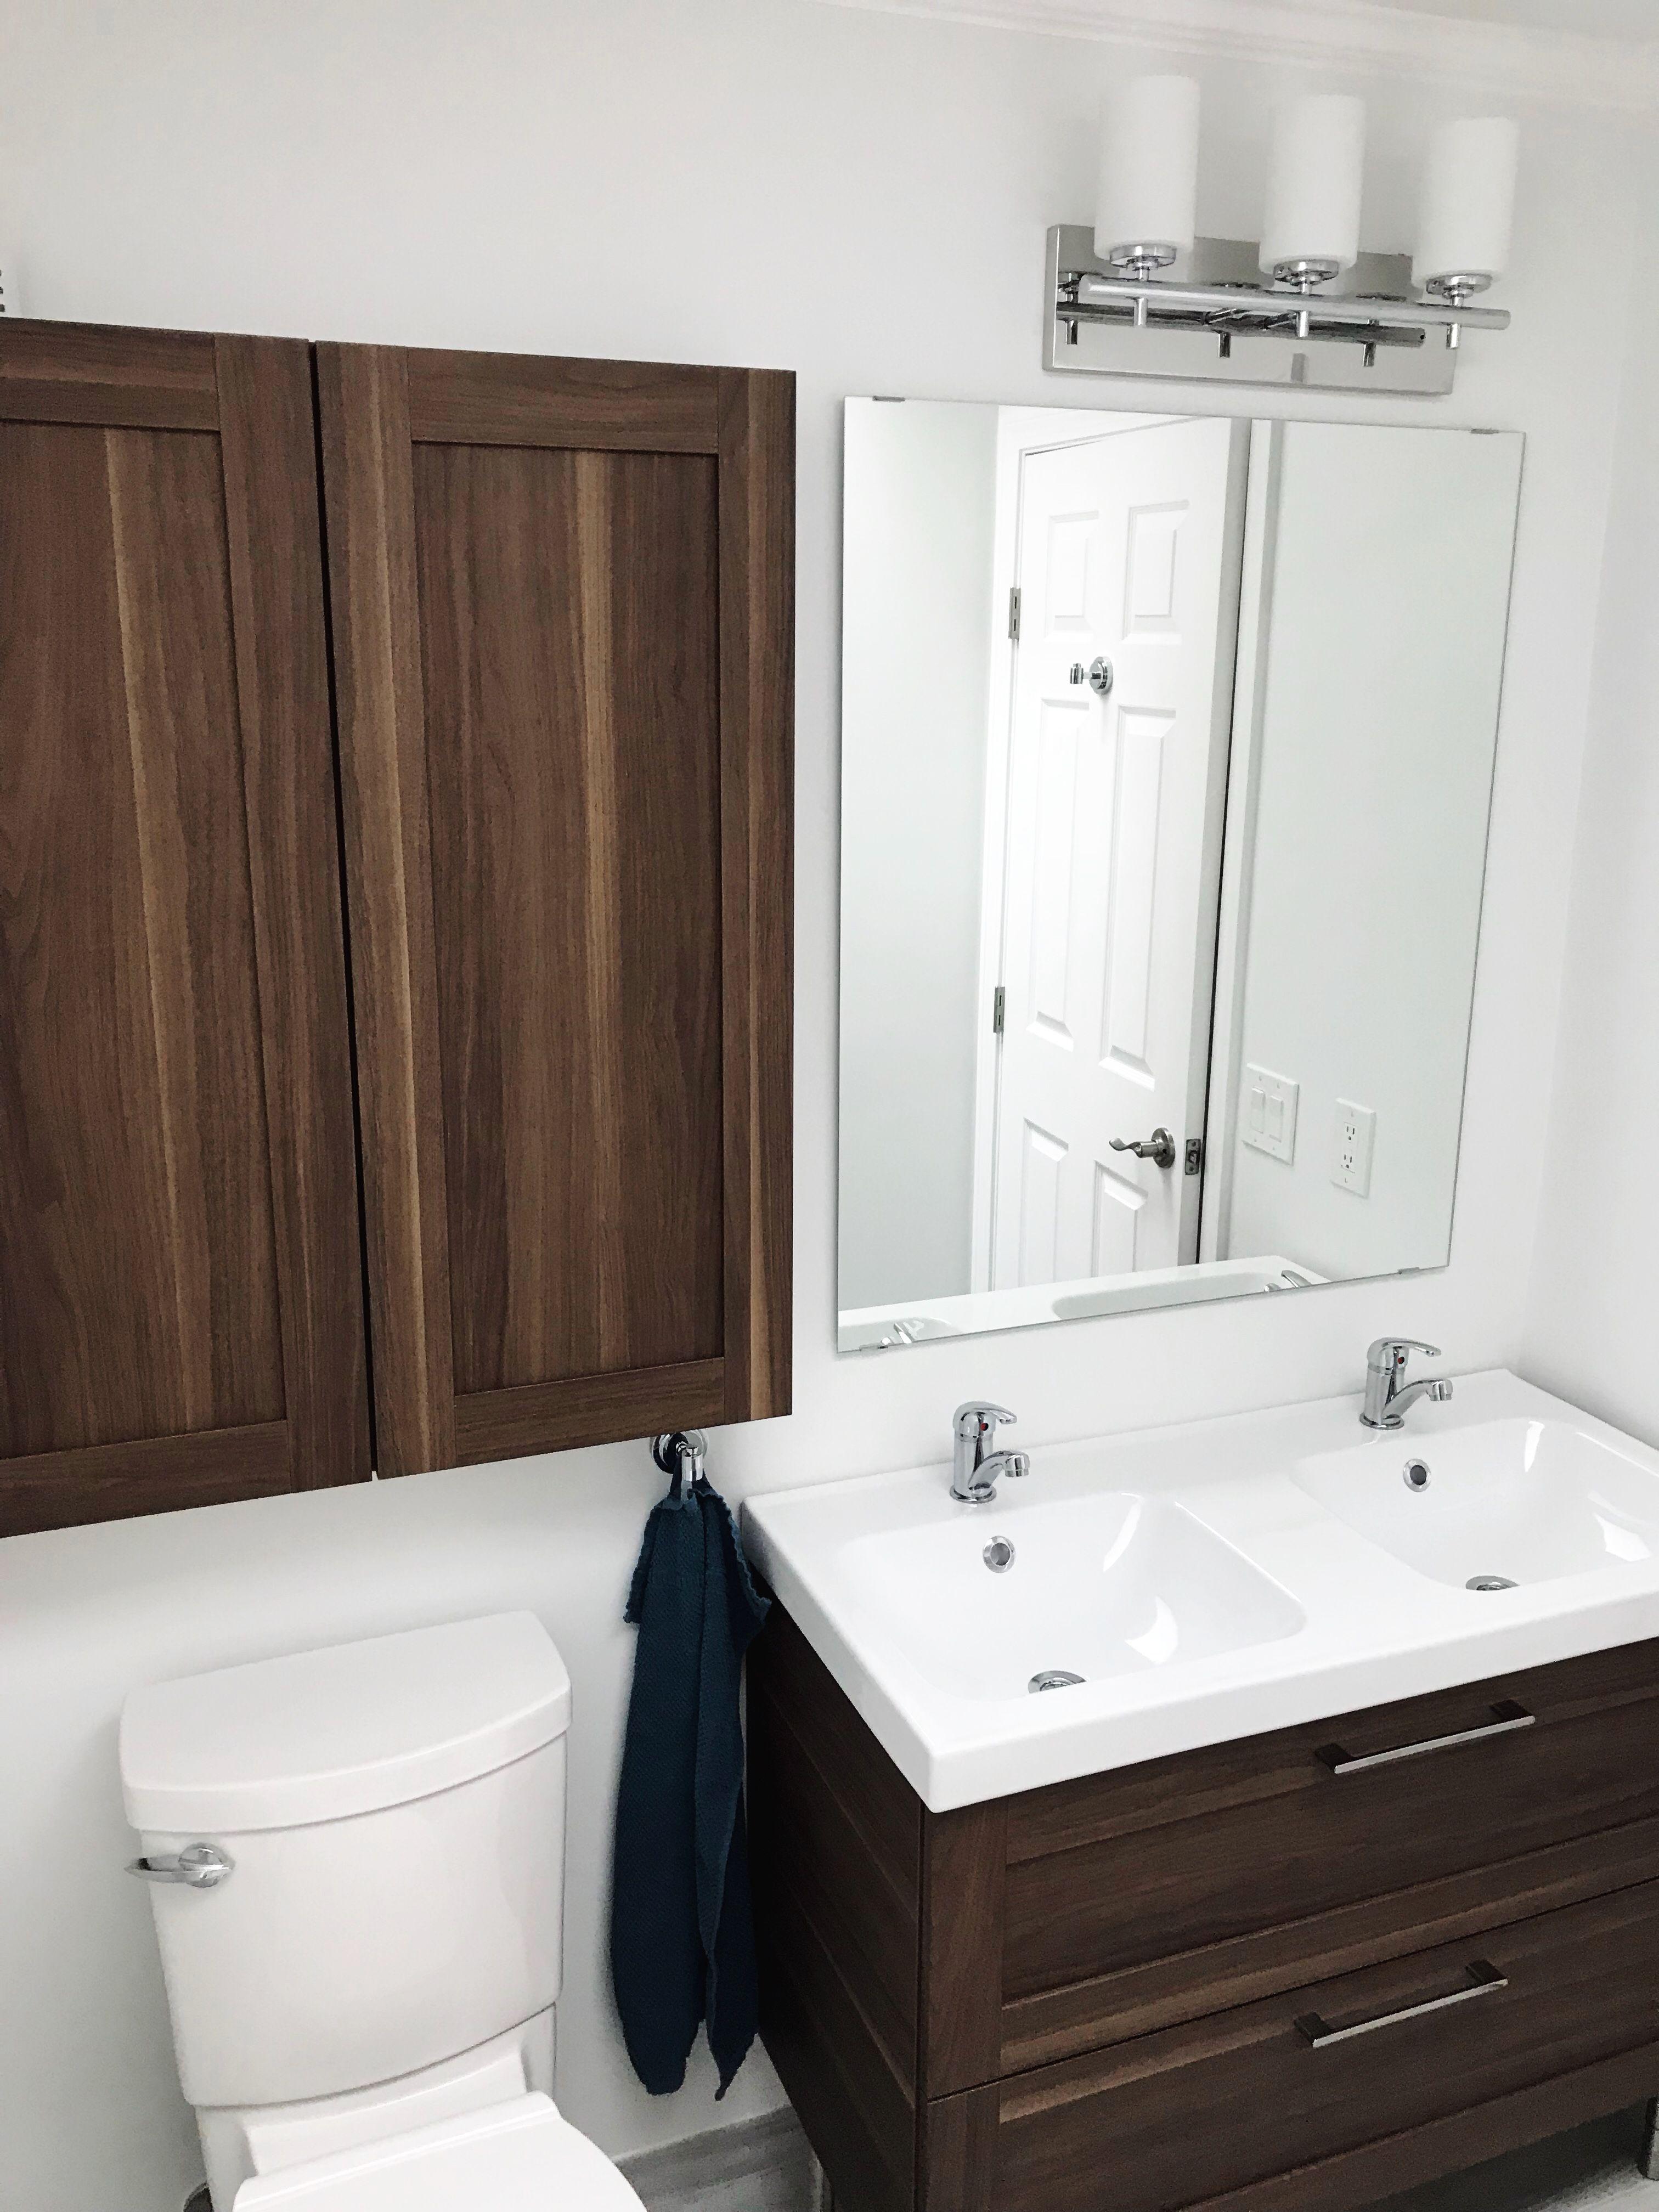 Ikea Godmorgon Walnut Bathroom Vanity With Double Sinks Ikea Godmorgon Trendy Bathroom Designs Amazing Bathrooms